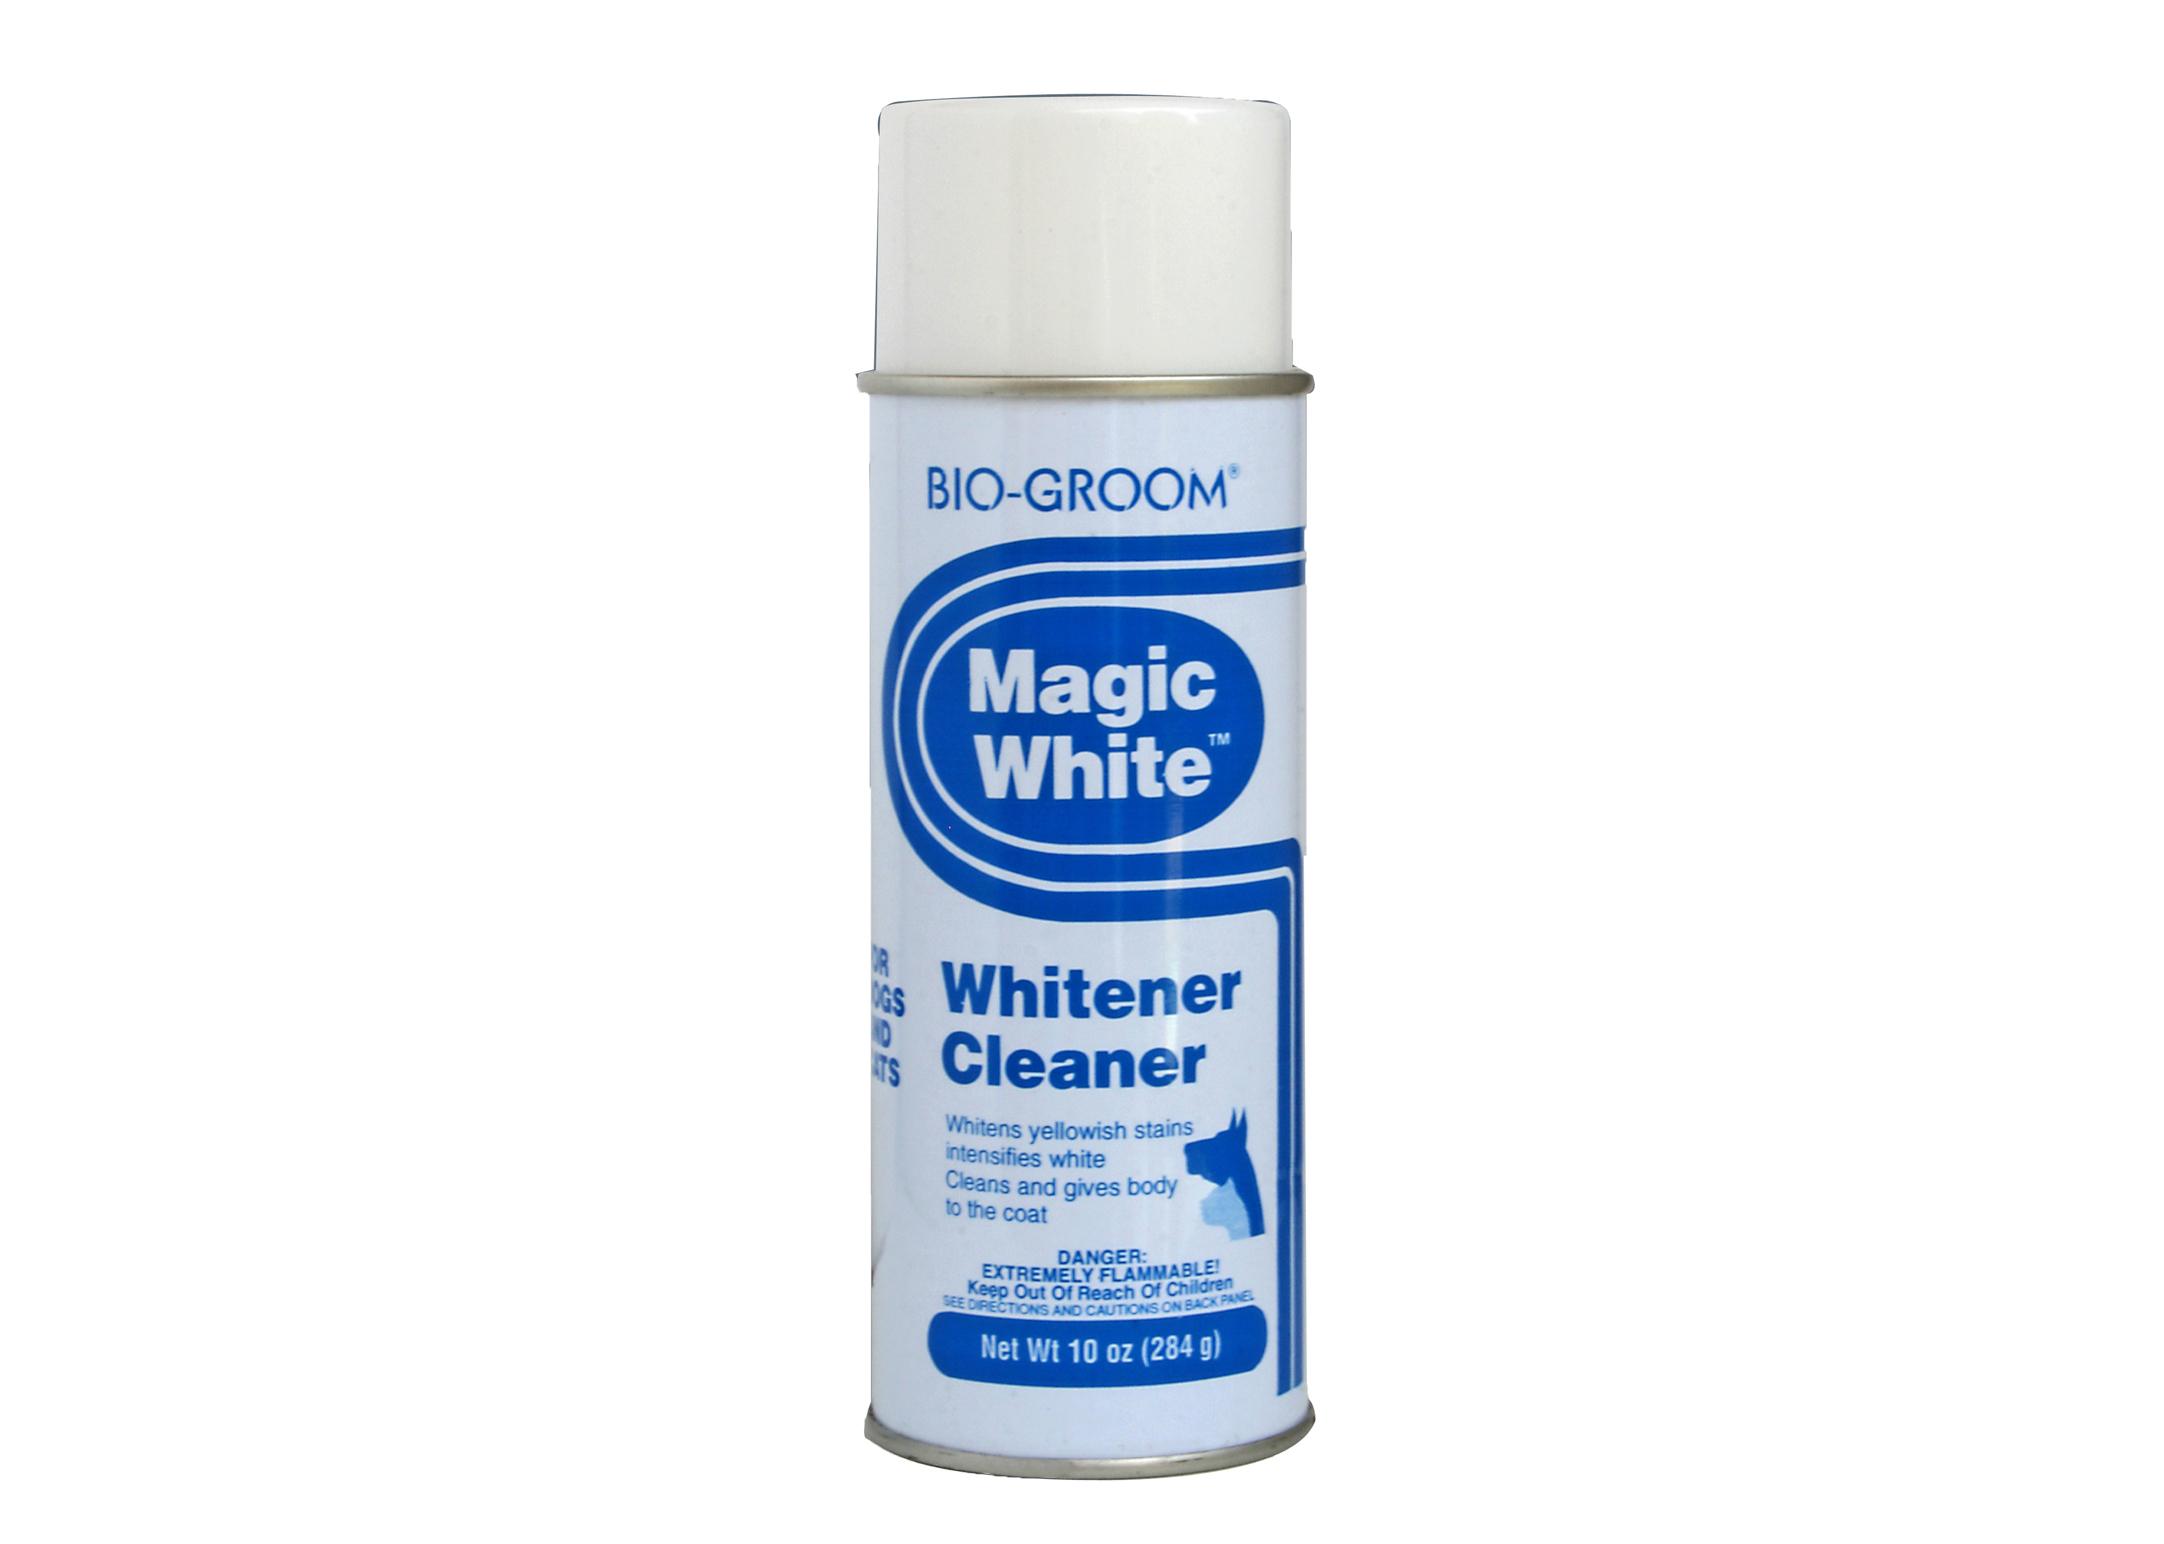 Bio Groom Magic White 284 gr Whitener Cleaner